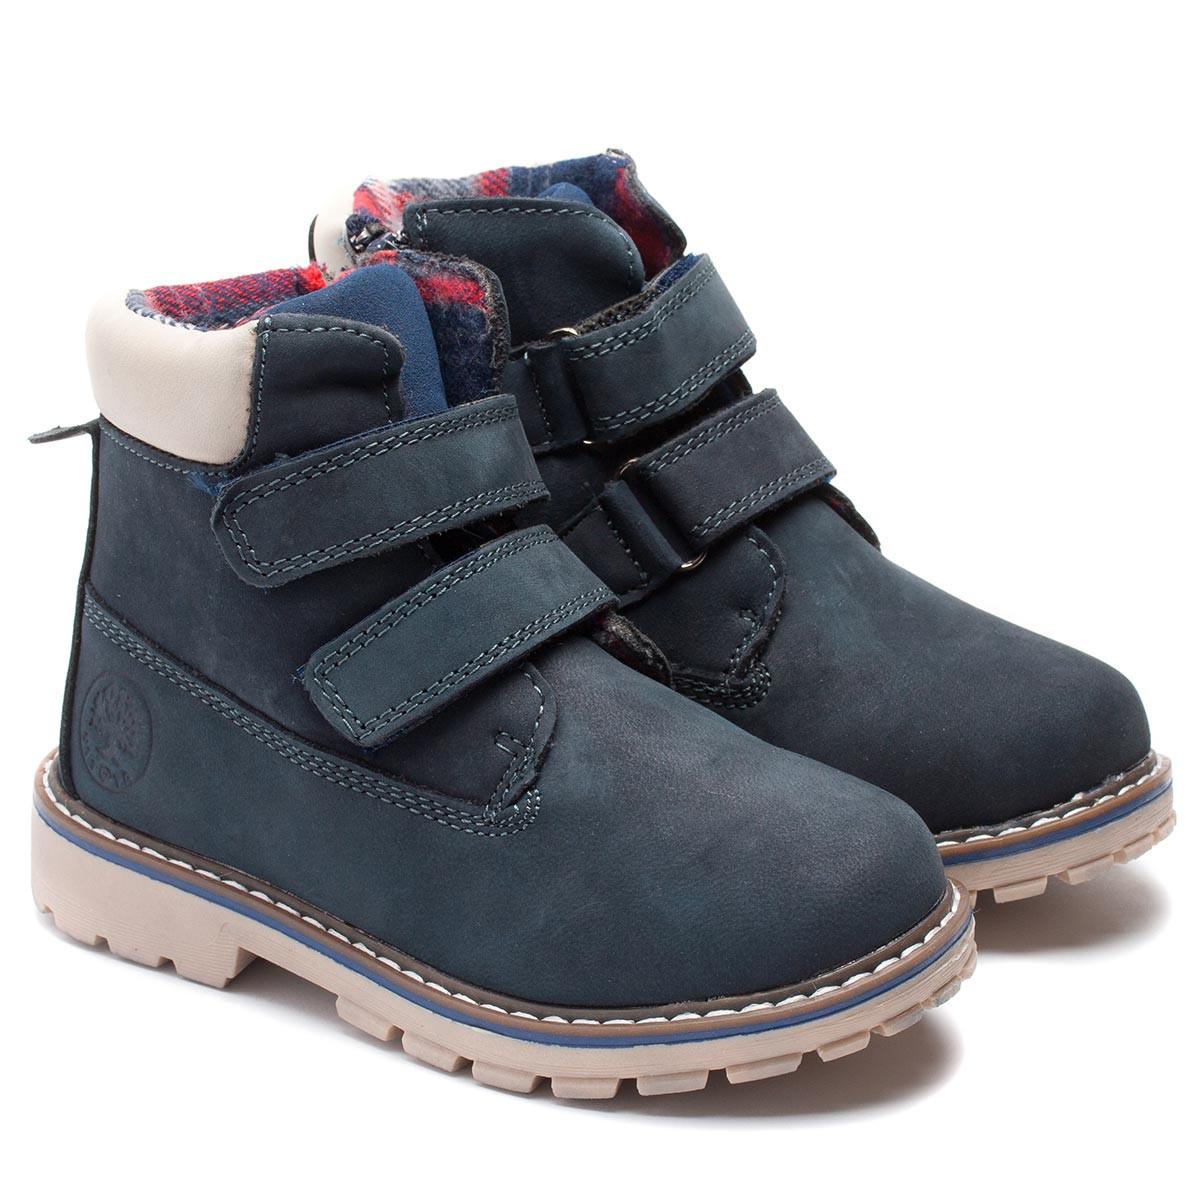 Демисезонные ботинки Kid's shoes для мальчика, на липучках, размер 27-32